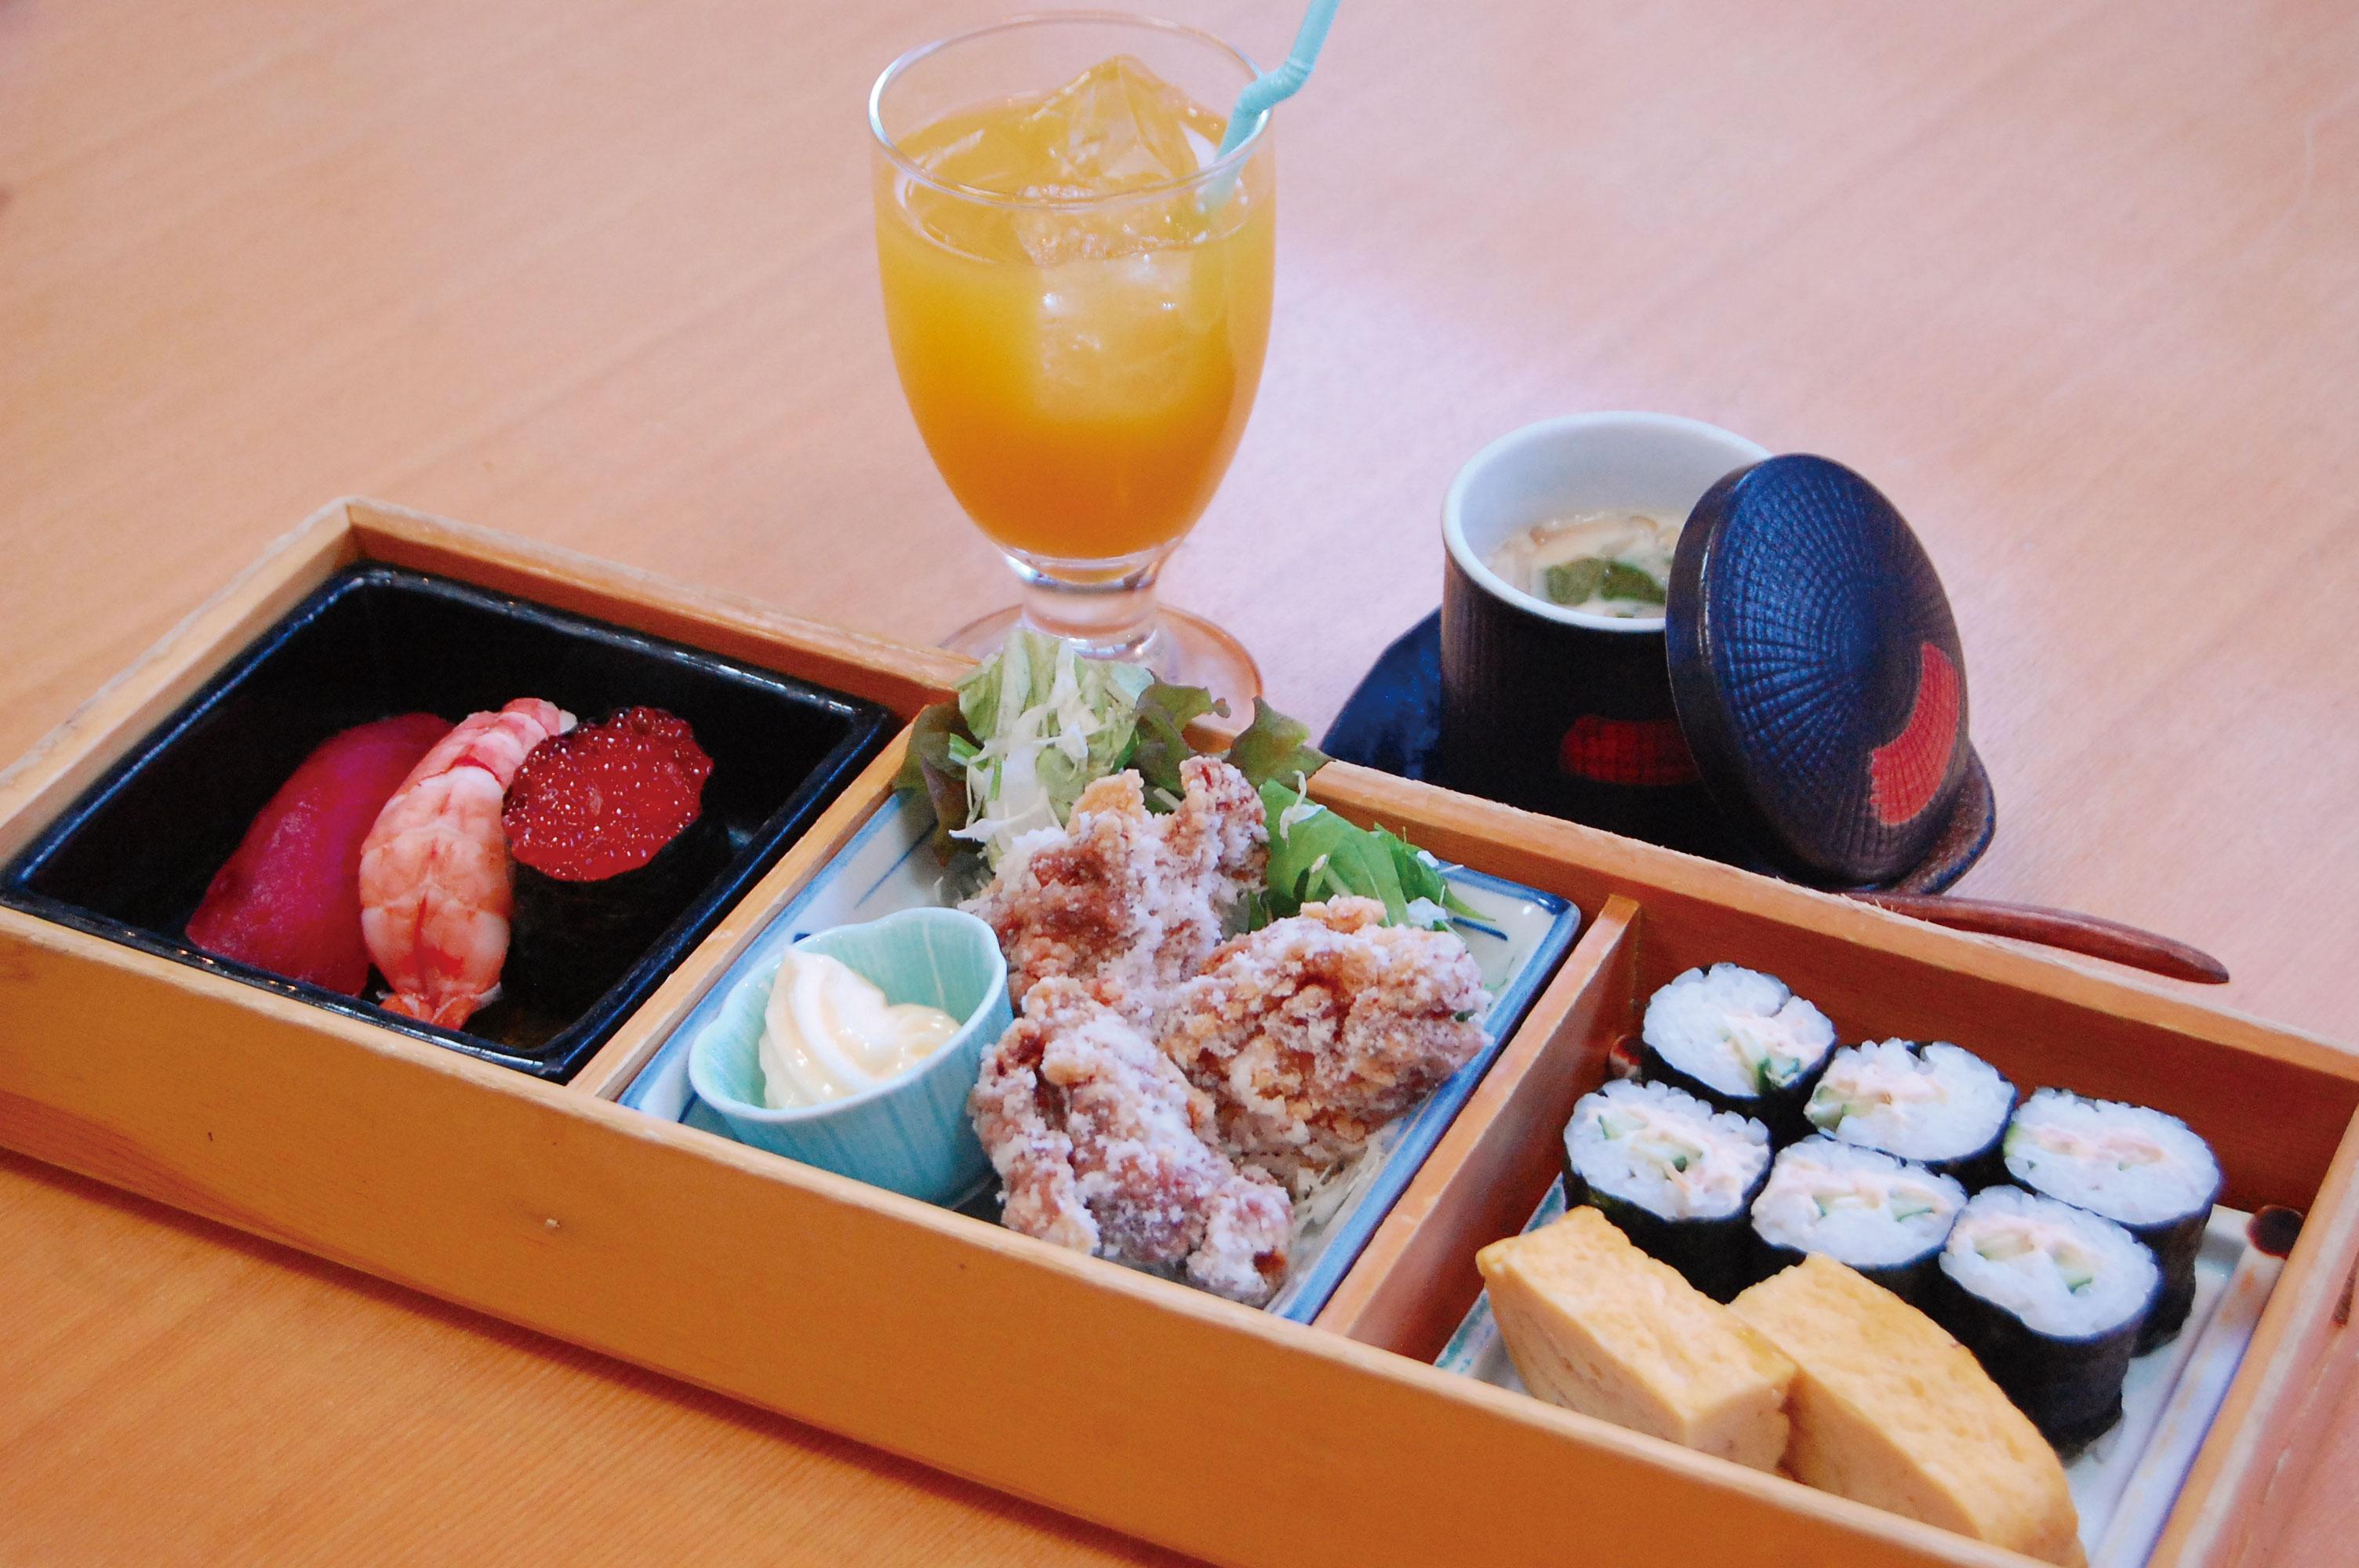 「お子様セット(980円/小学生以下)」。さび抜きの寿司、細巻き、厚焼き玉子、唐揚げ、茶碗蒸し、ジュースが付きます